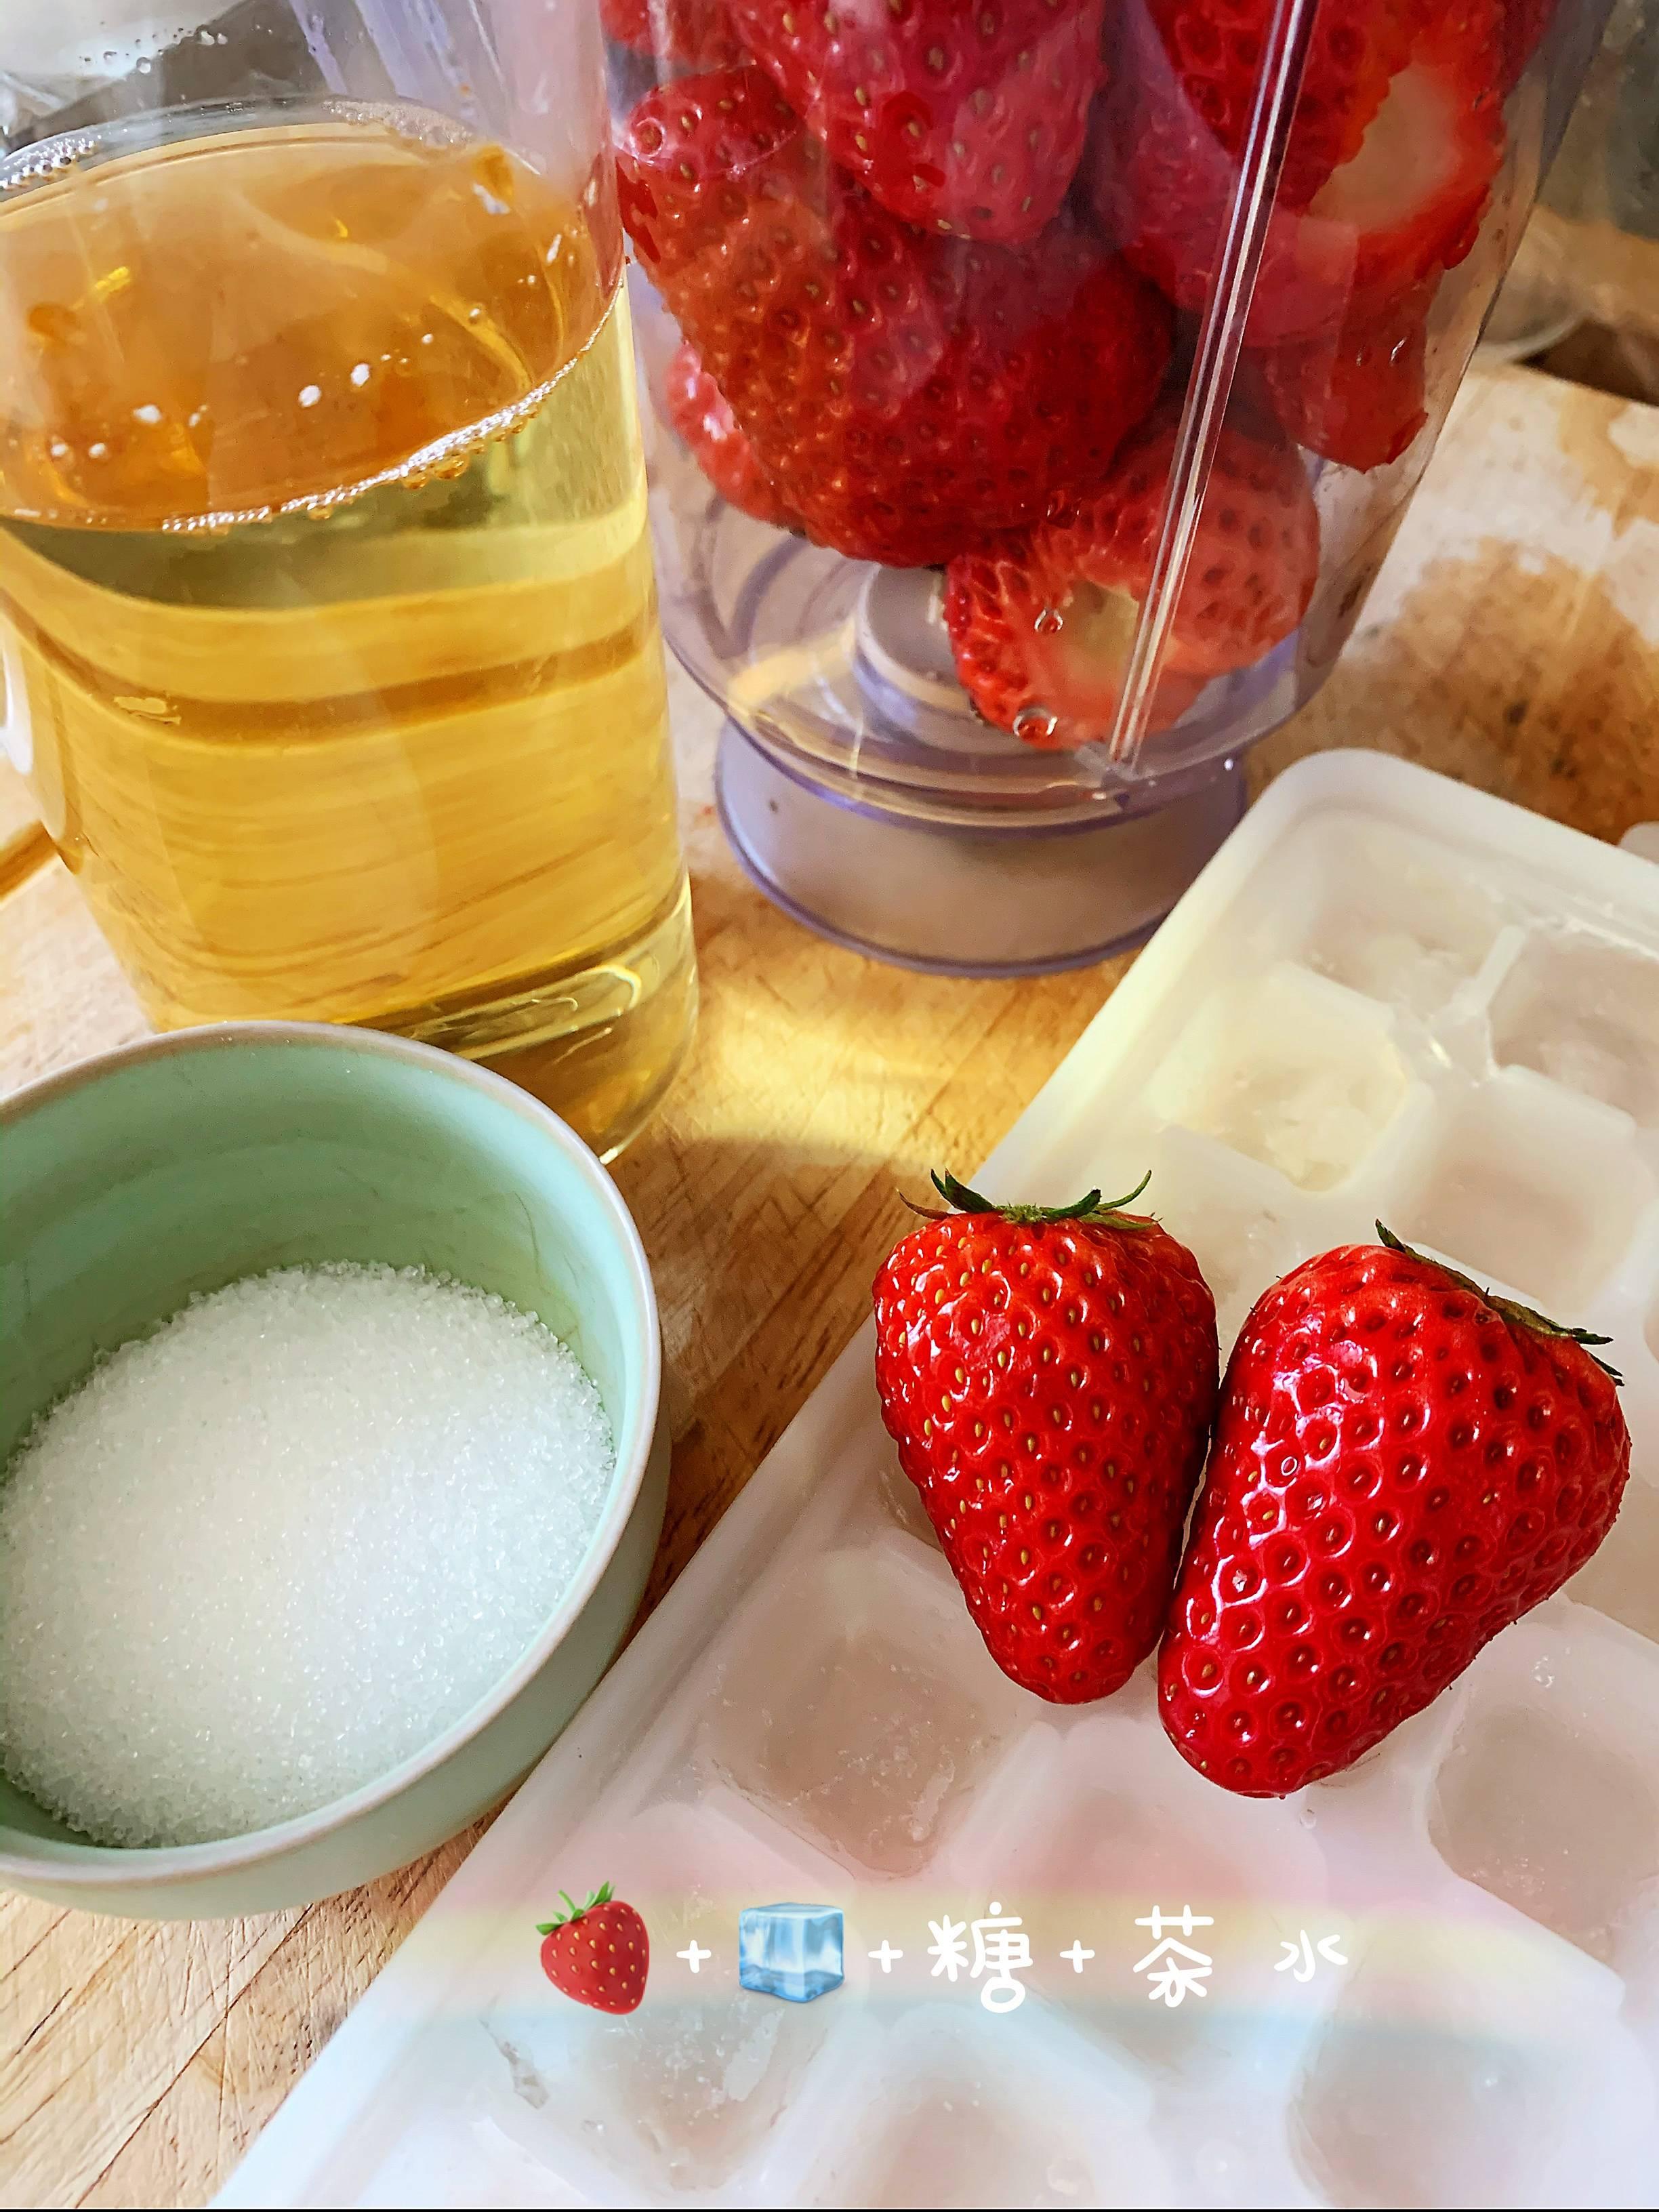 芝芝莓莓~homemade的做法 步骤3